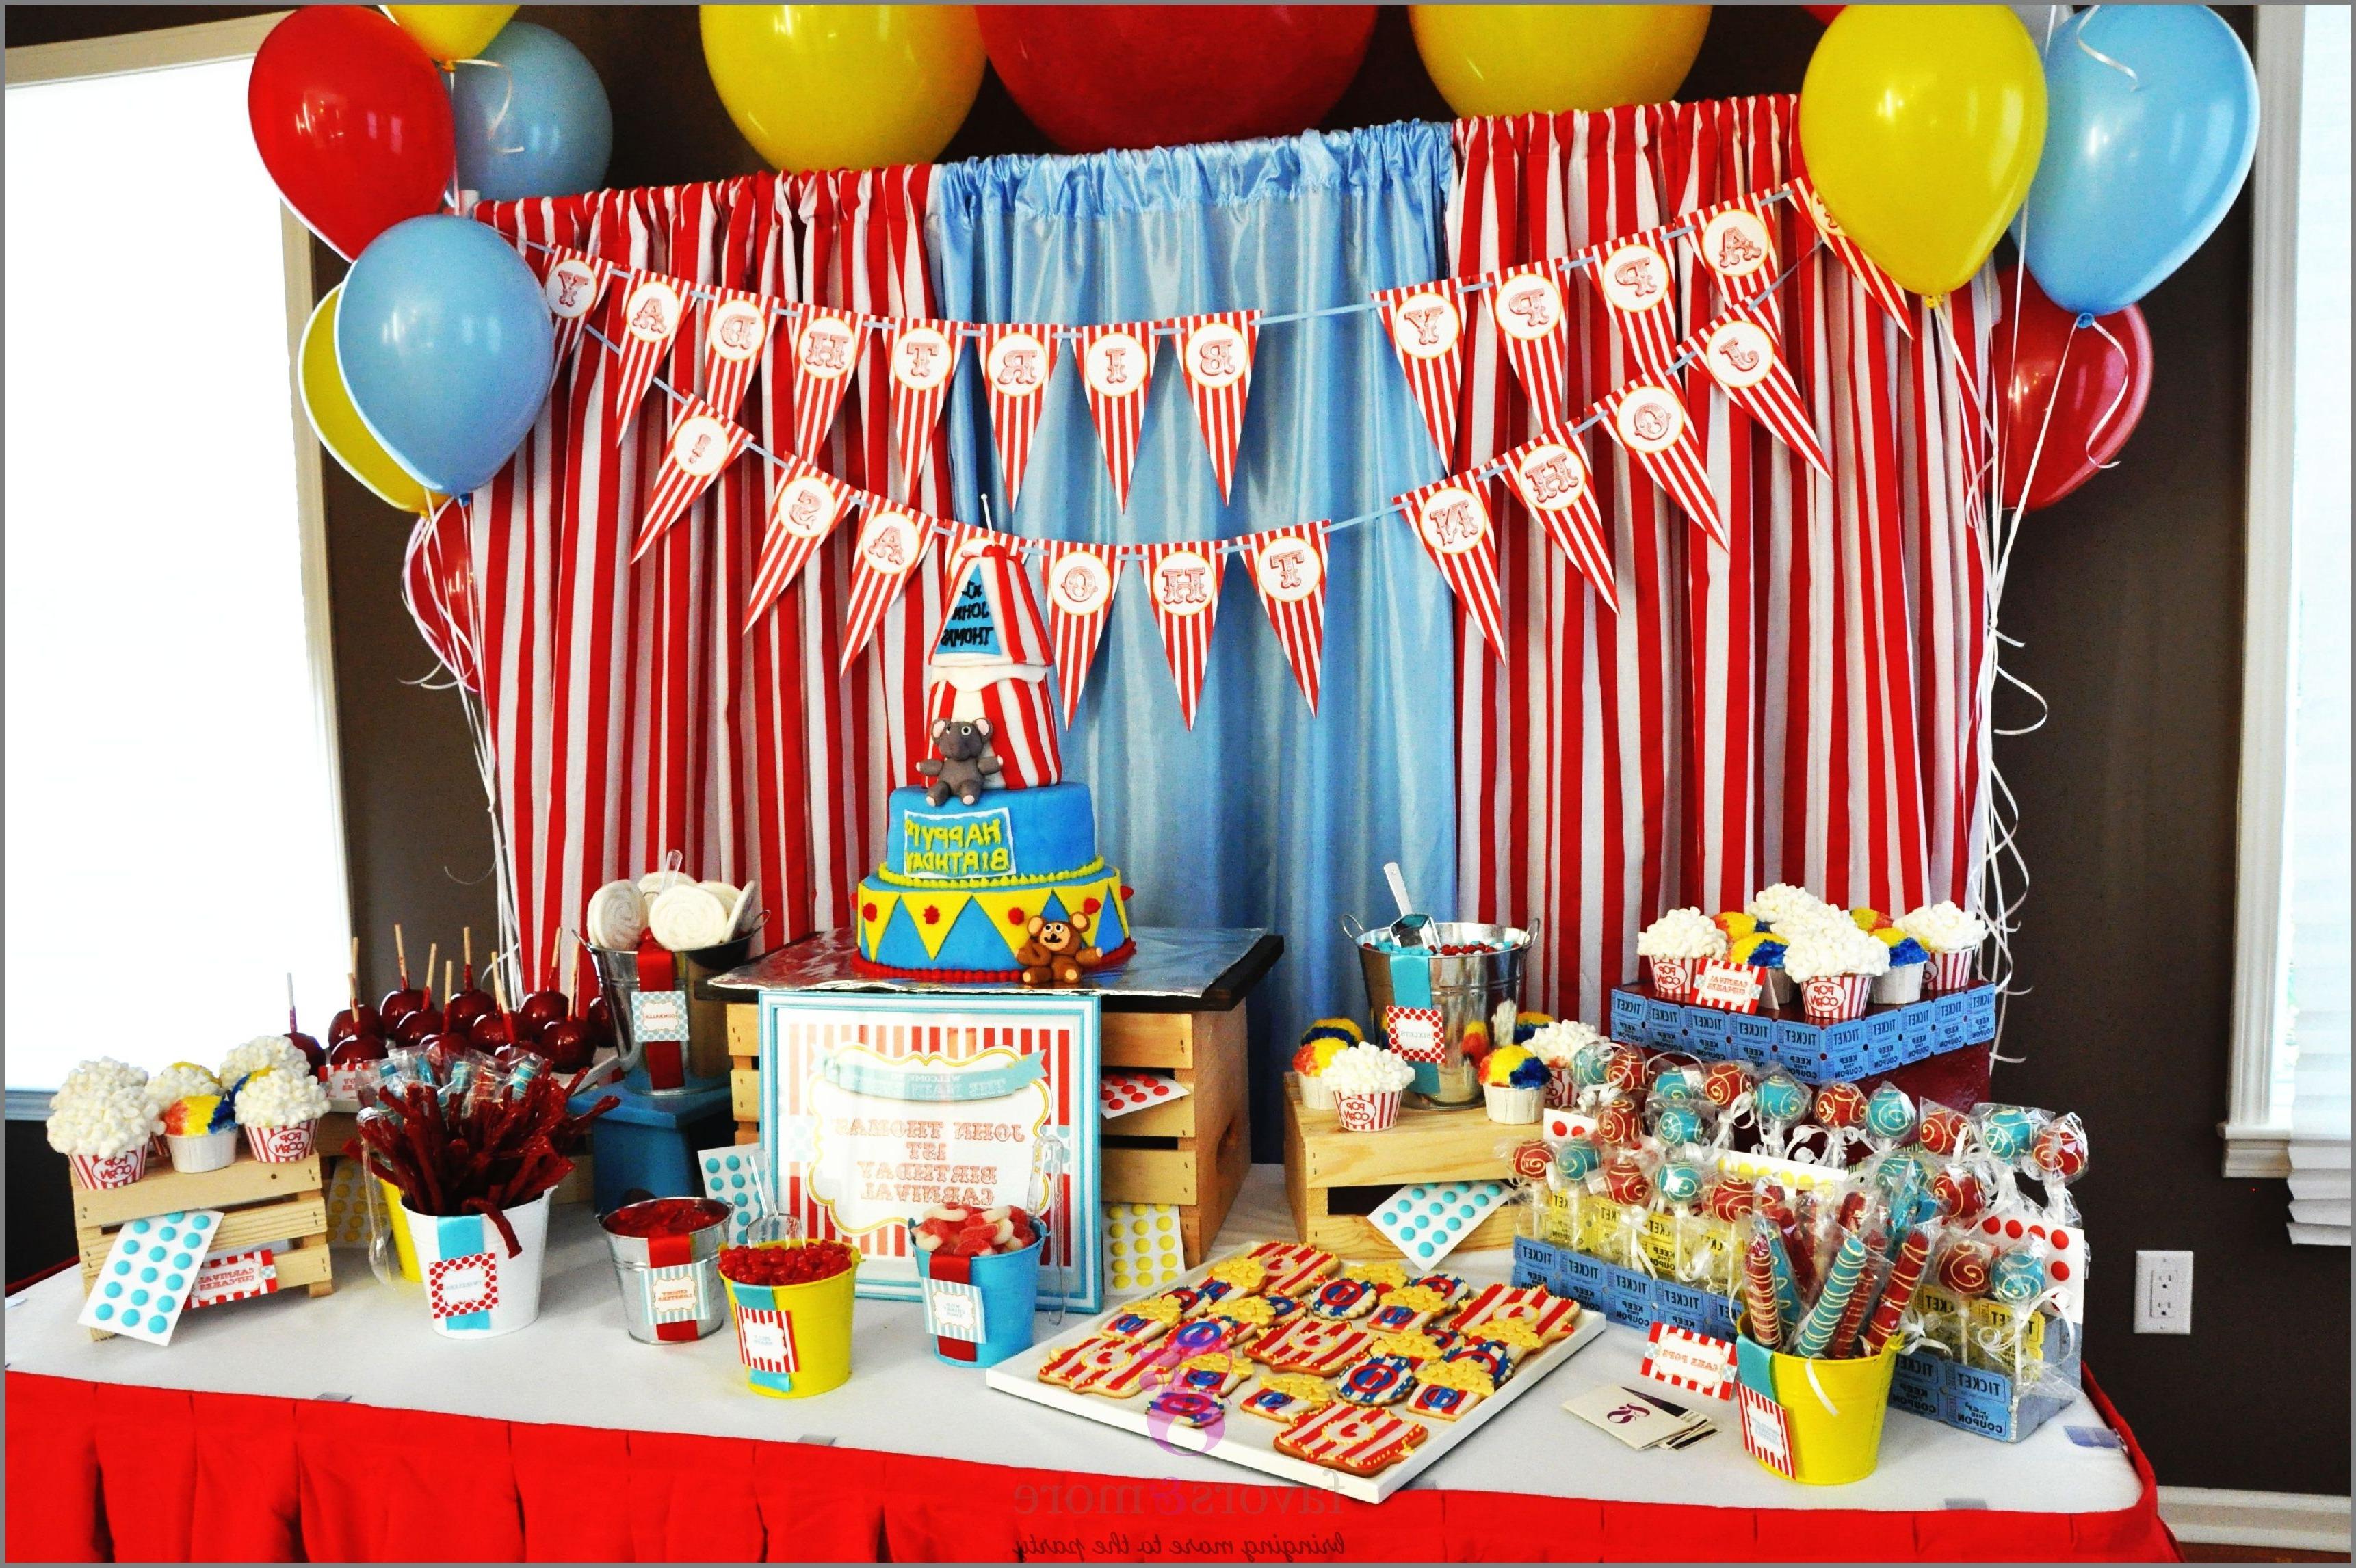 Si vous célébrez l'anniversaire de votre enfant, choisissez un thème pour votre fête (comme des super-héros, des princesses, une fête magique ou tout ce que votre enfant aime).